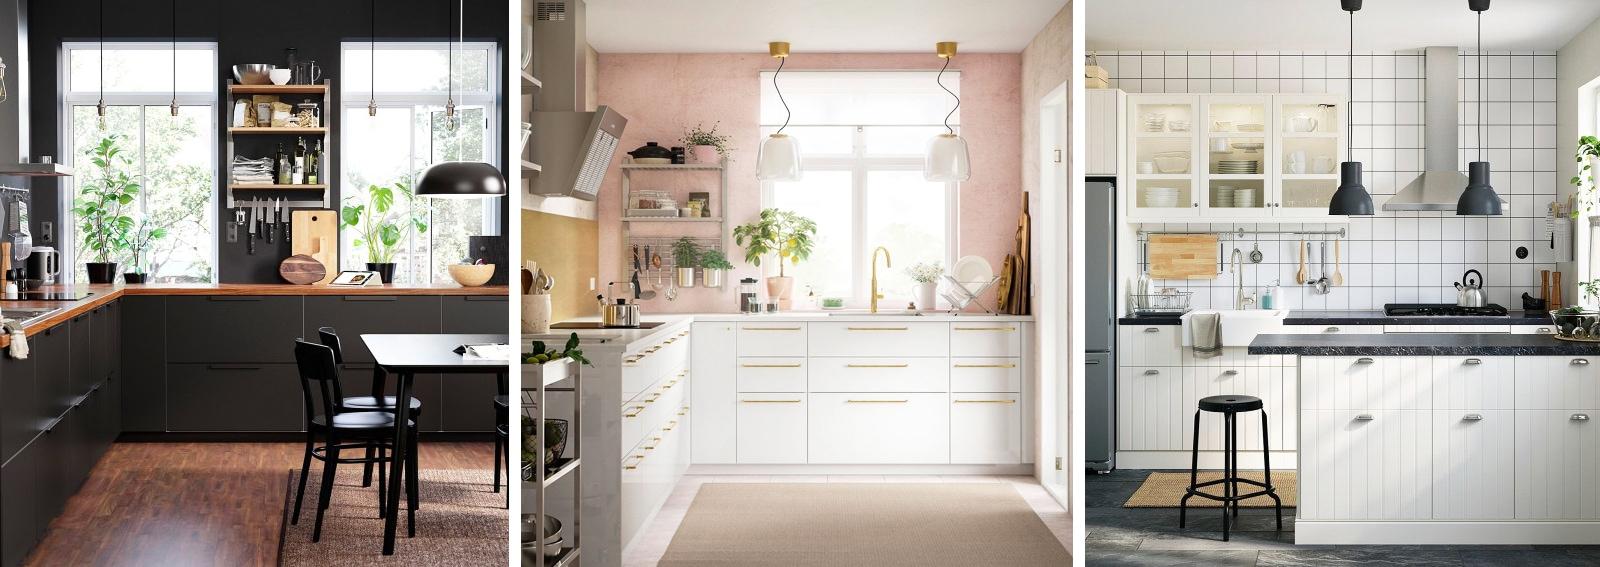 Come Progettare Cucina Ikea cucine ikea: 8 modelli perfetti per ogni stile